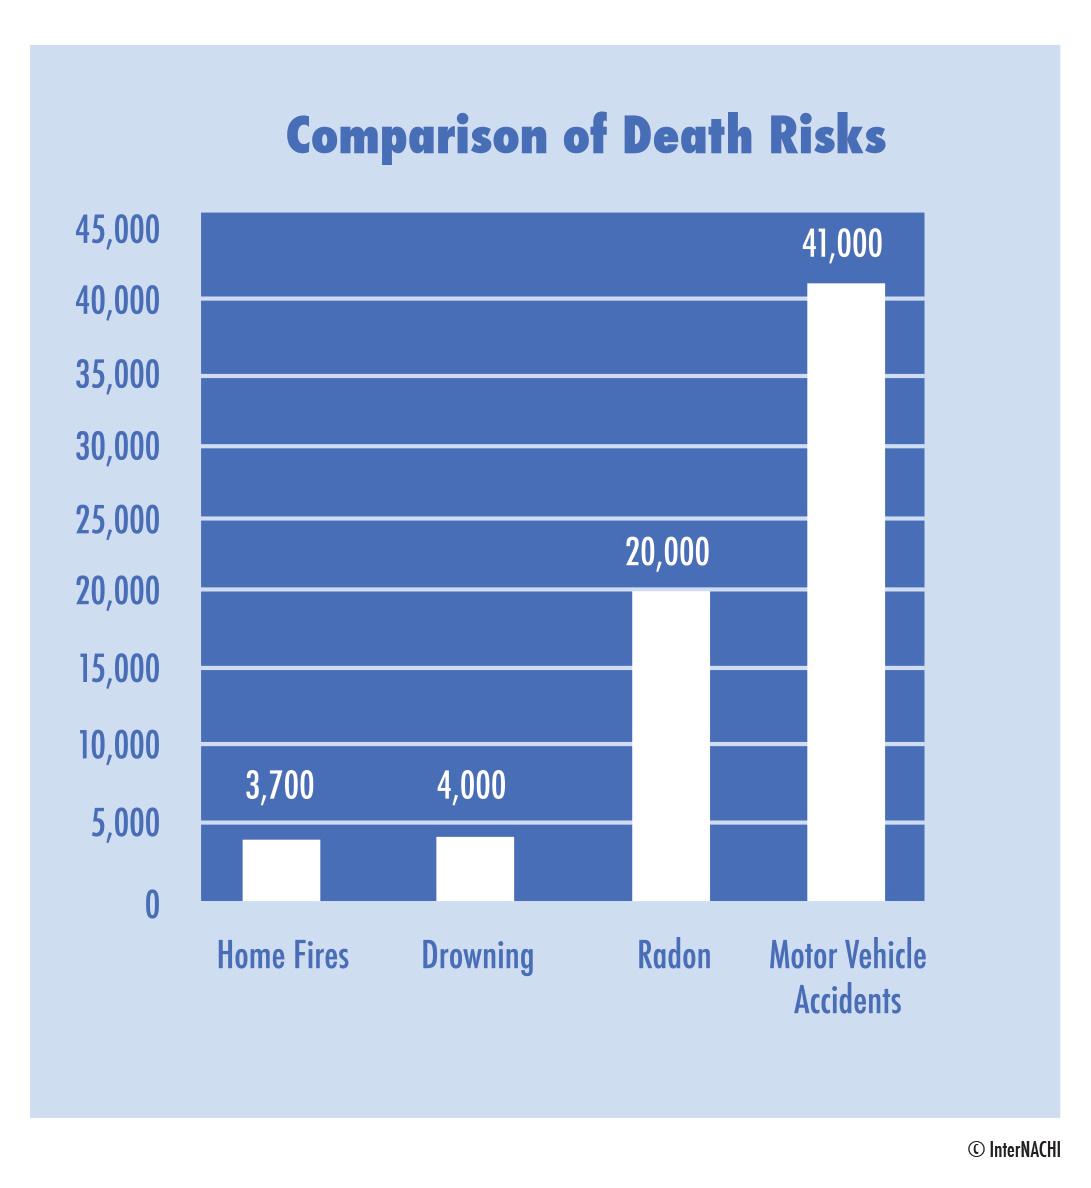 Comparison of Death Risks Chart